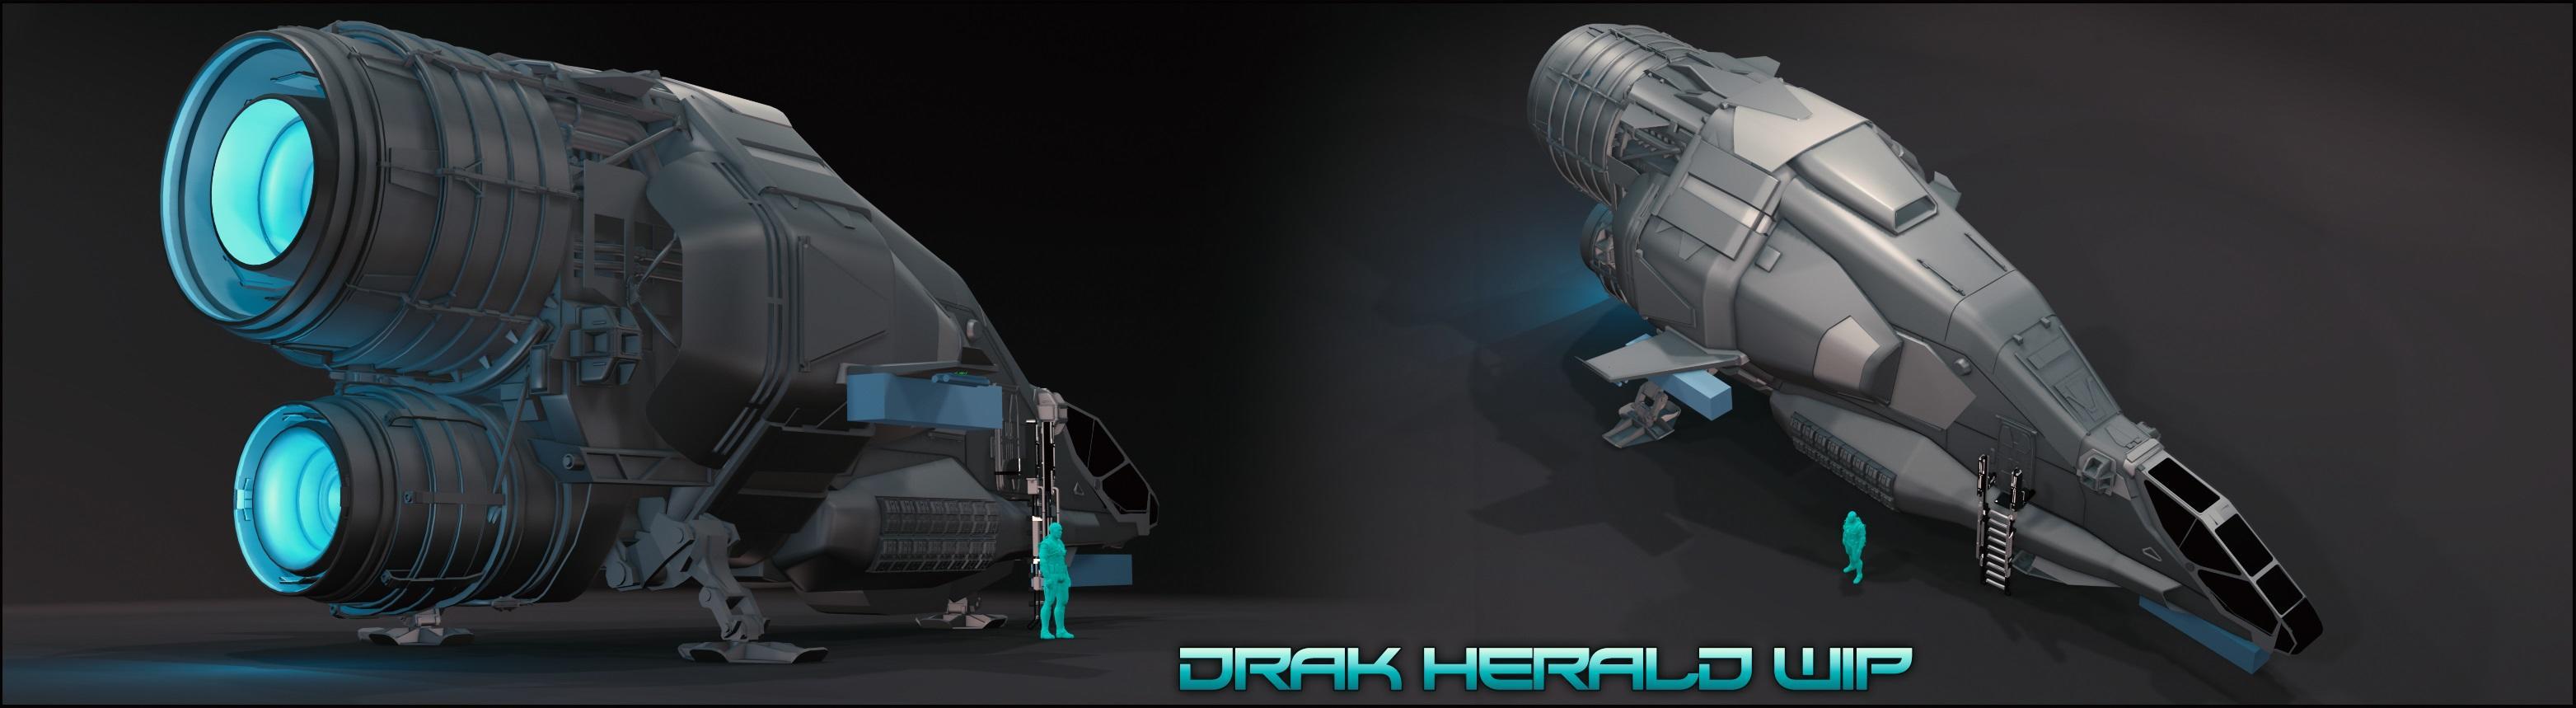 Drake Herald WIP